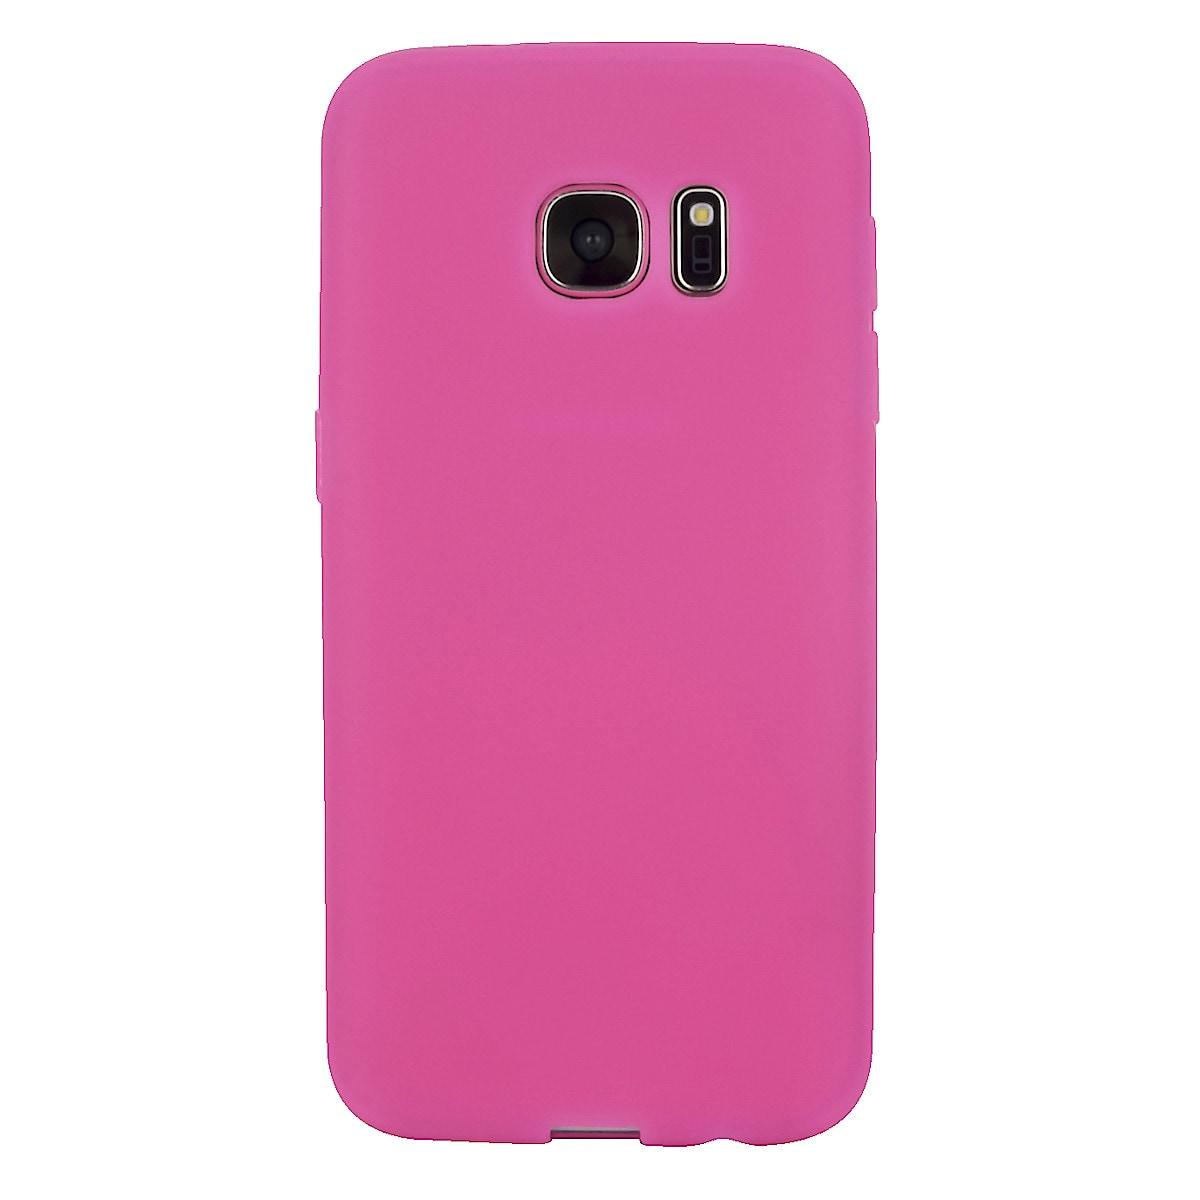 Mobilskal för Samsung Galaxy S7